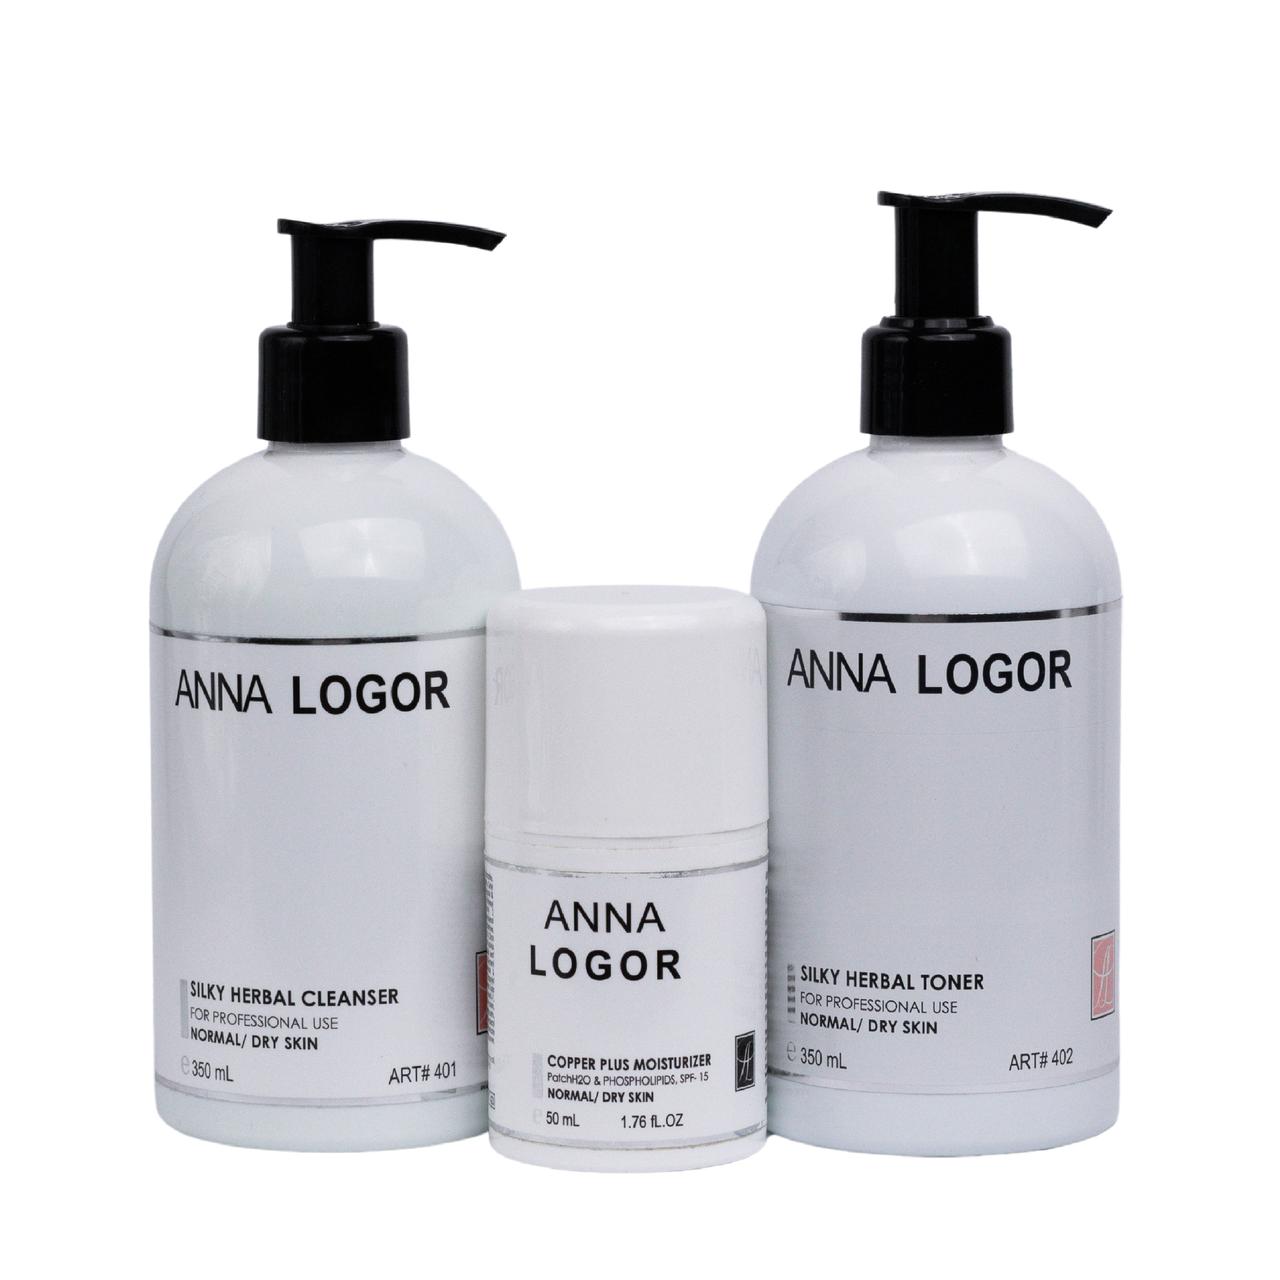 Набір косметики Anna LOGOR Silky Moisturizer Kit. Комплексний догляд. Серія для сухої шкіри обличчя